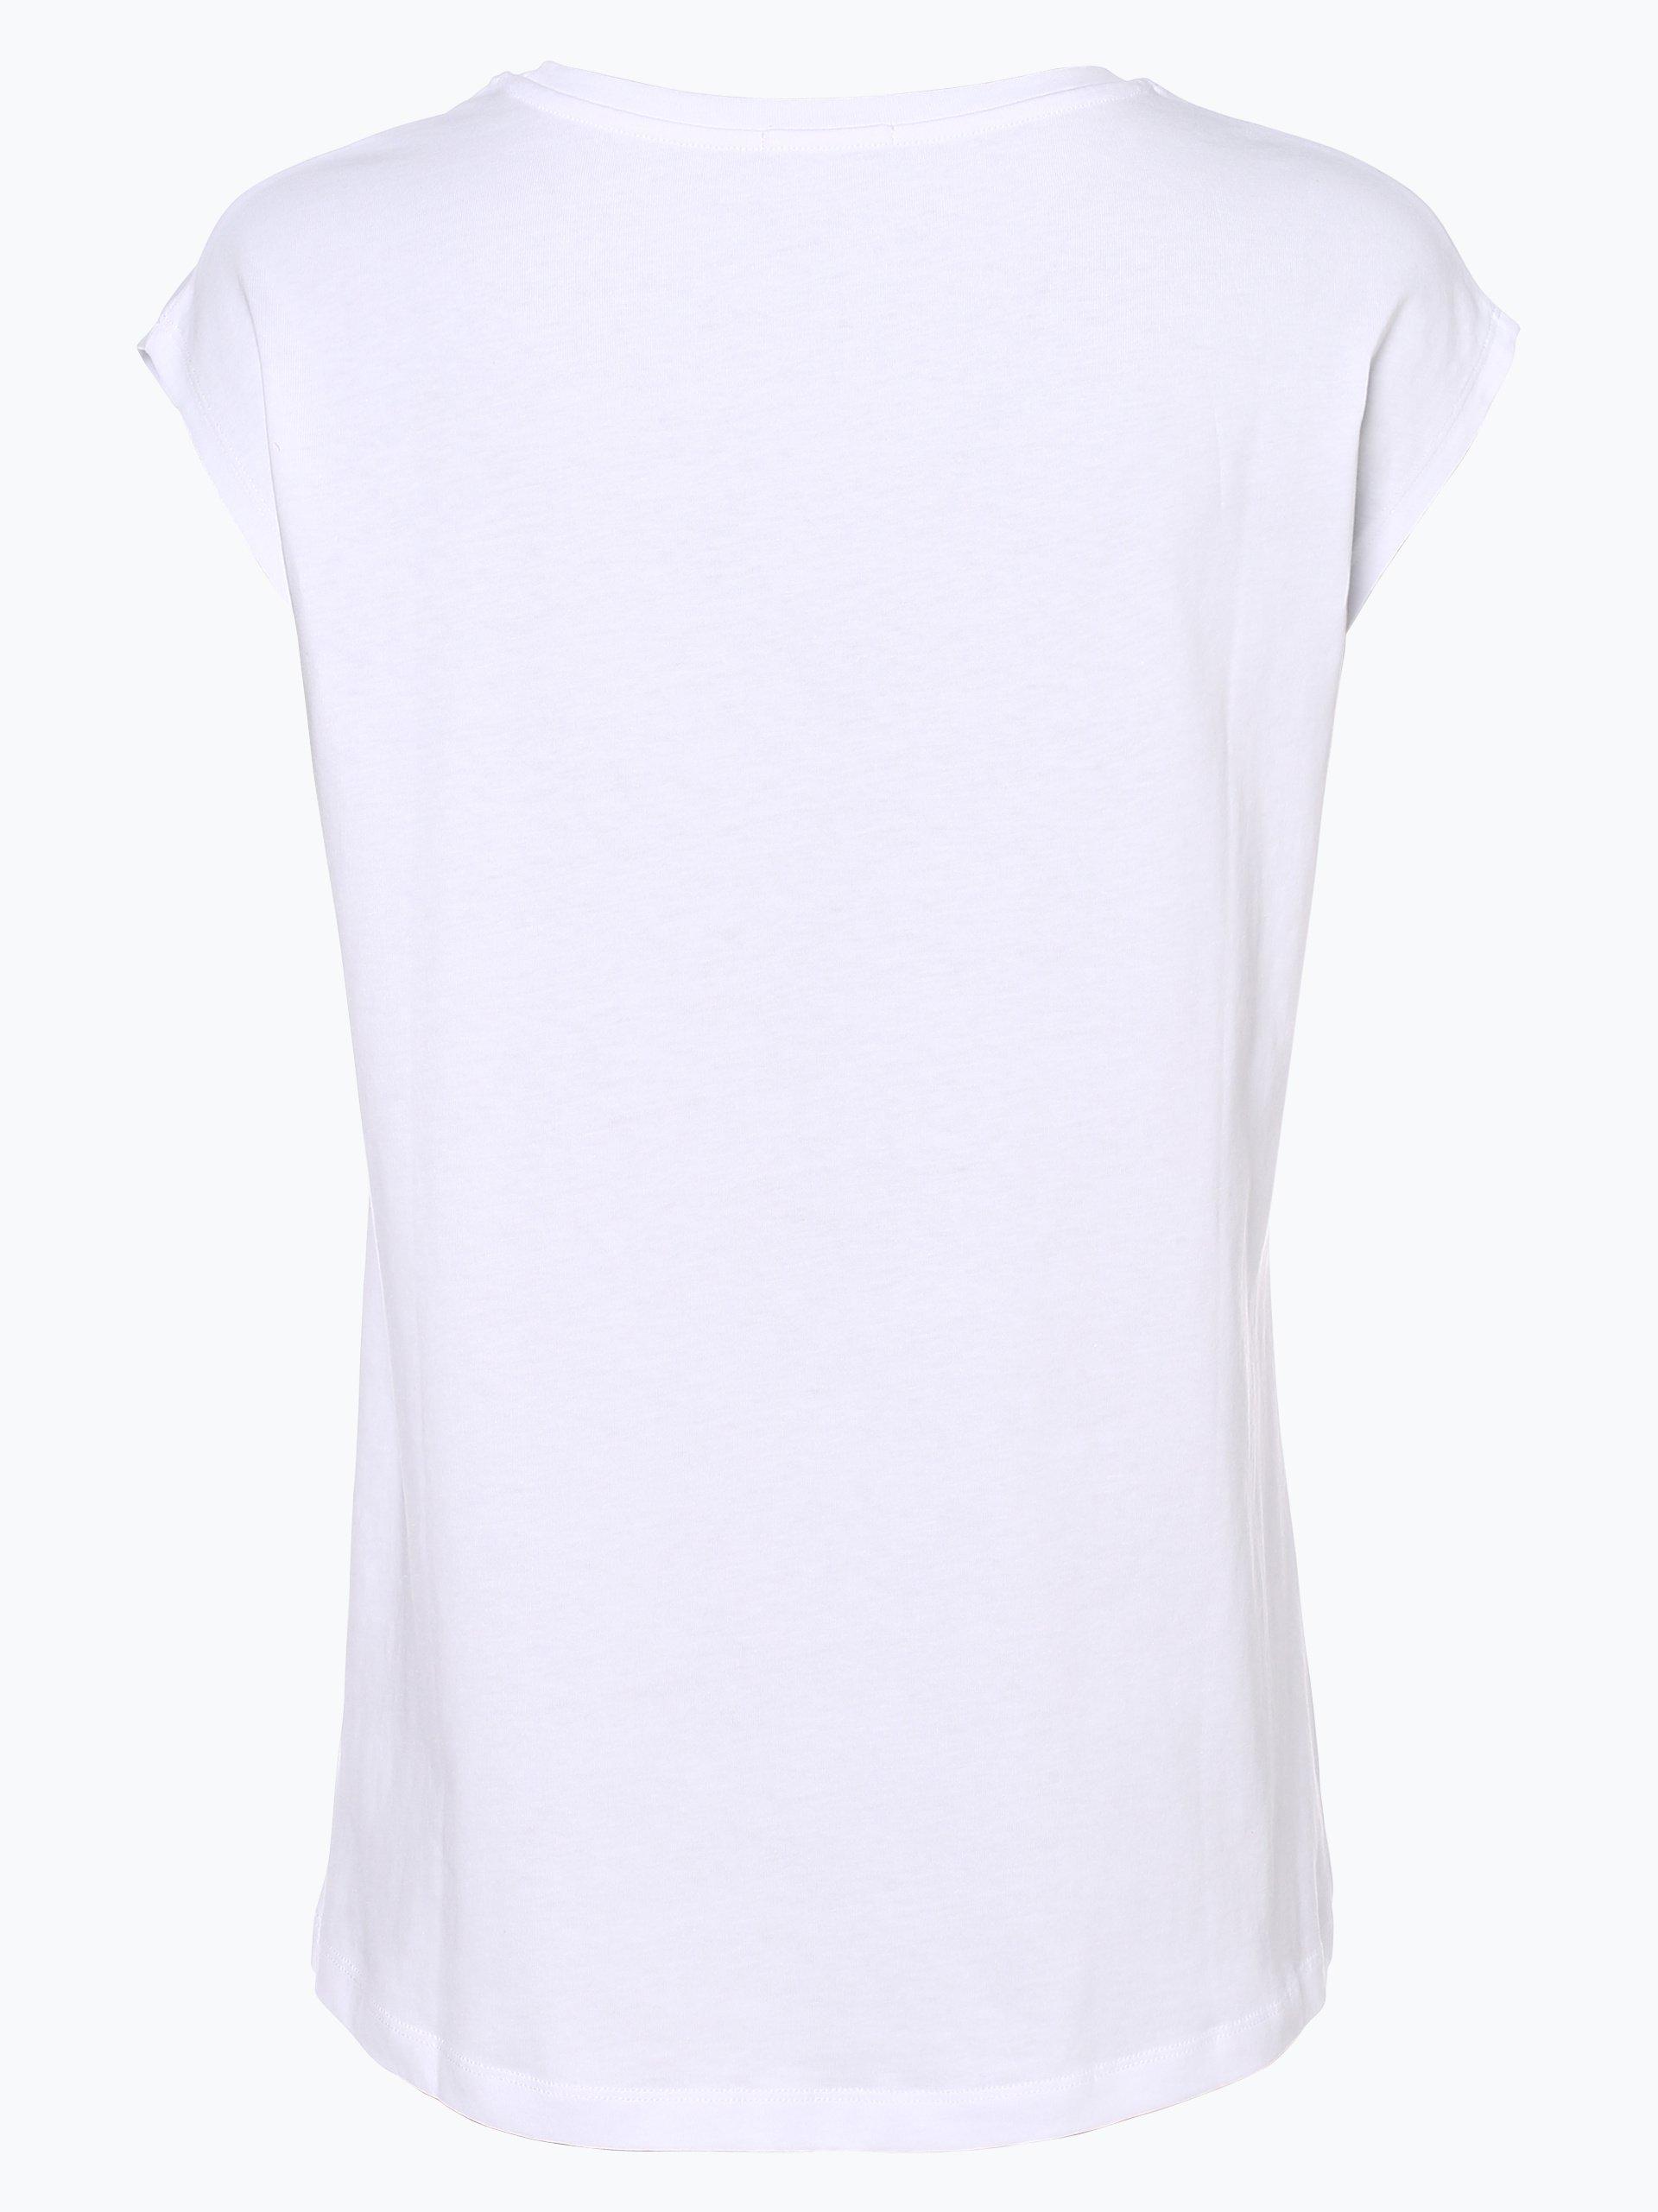 calvin klein jeans damen t shirt wei uni online kaufen peek und cloppenburg de. Black Bedroom Furniture Sets. Home Design Ideas